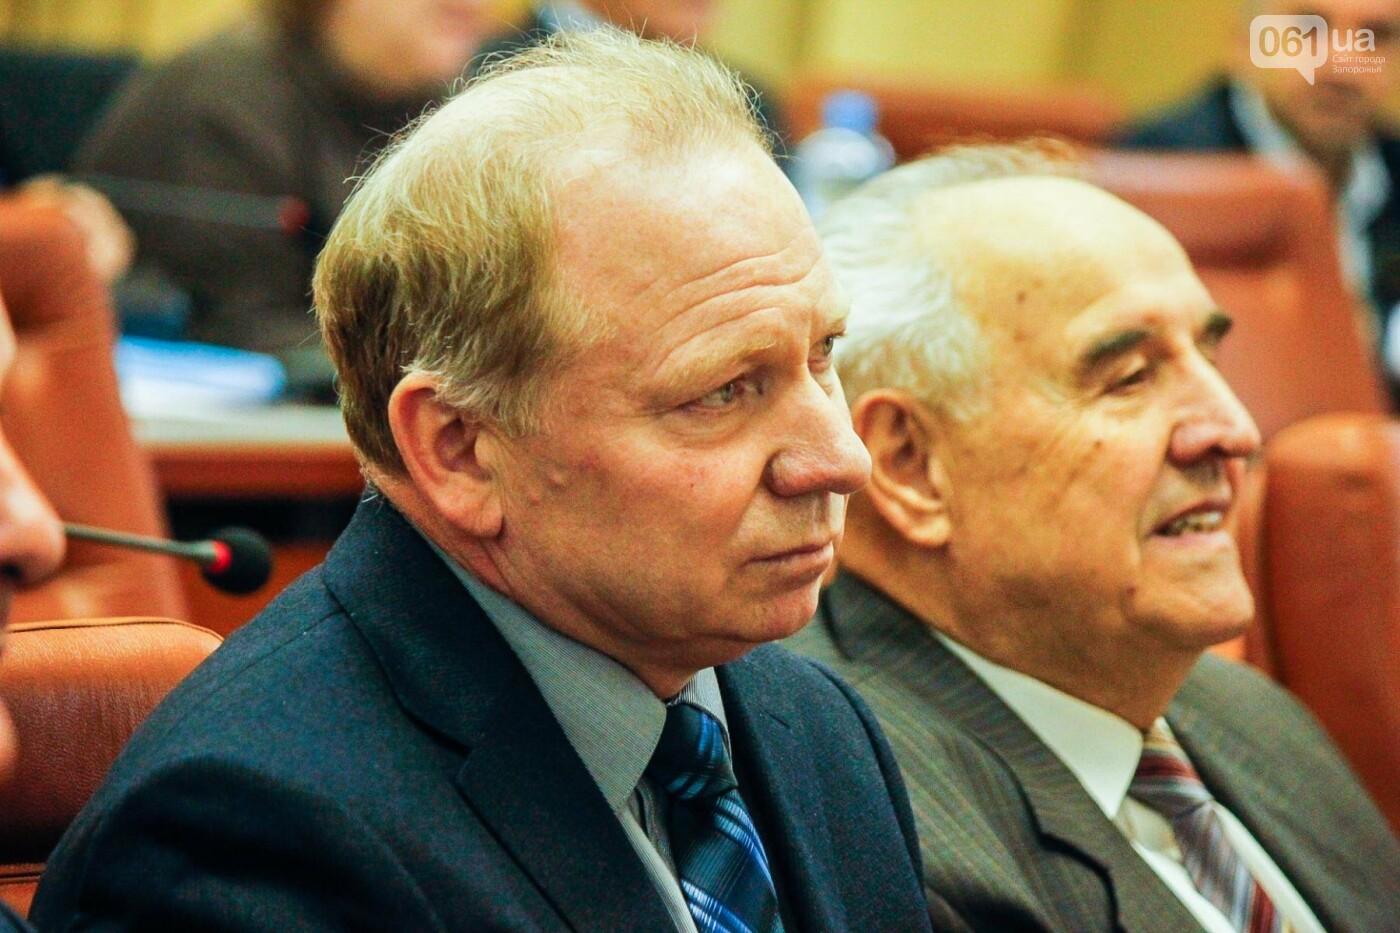 Сессия запорожского горсовета в лицах, - ФОТОРЕПОРТАЖ, фото-49